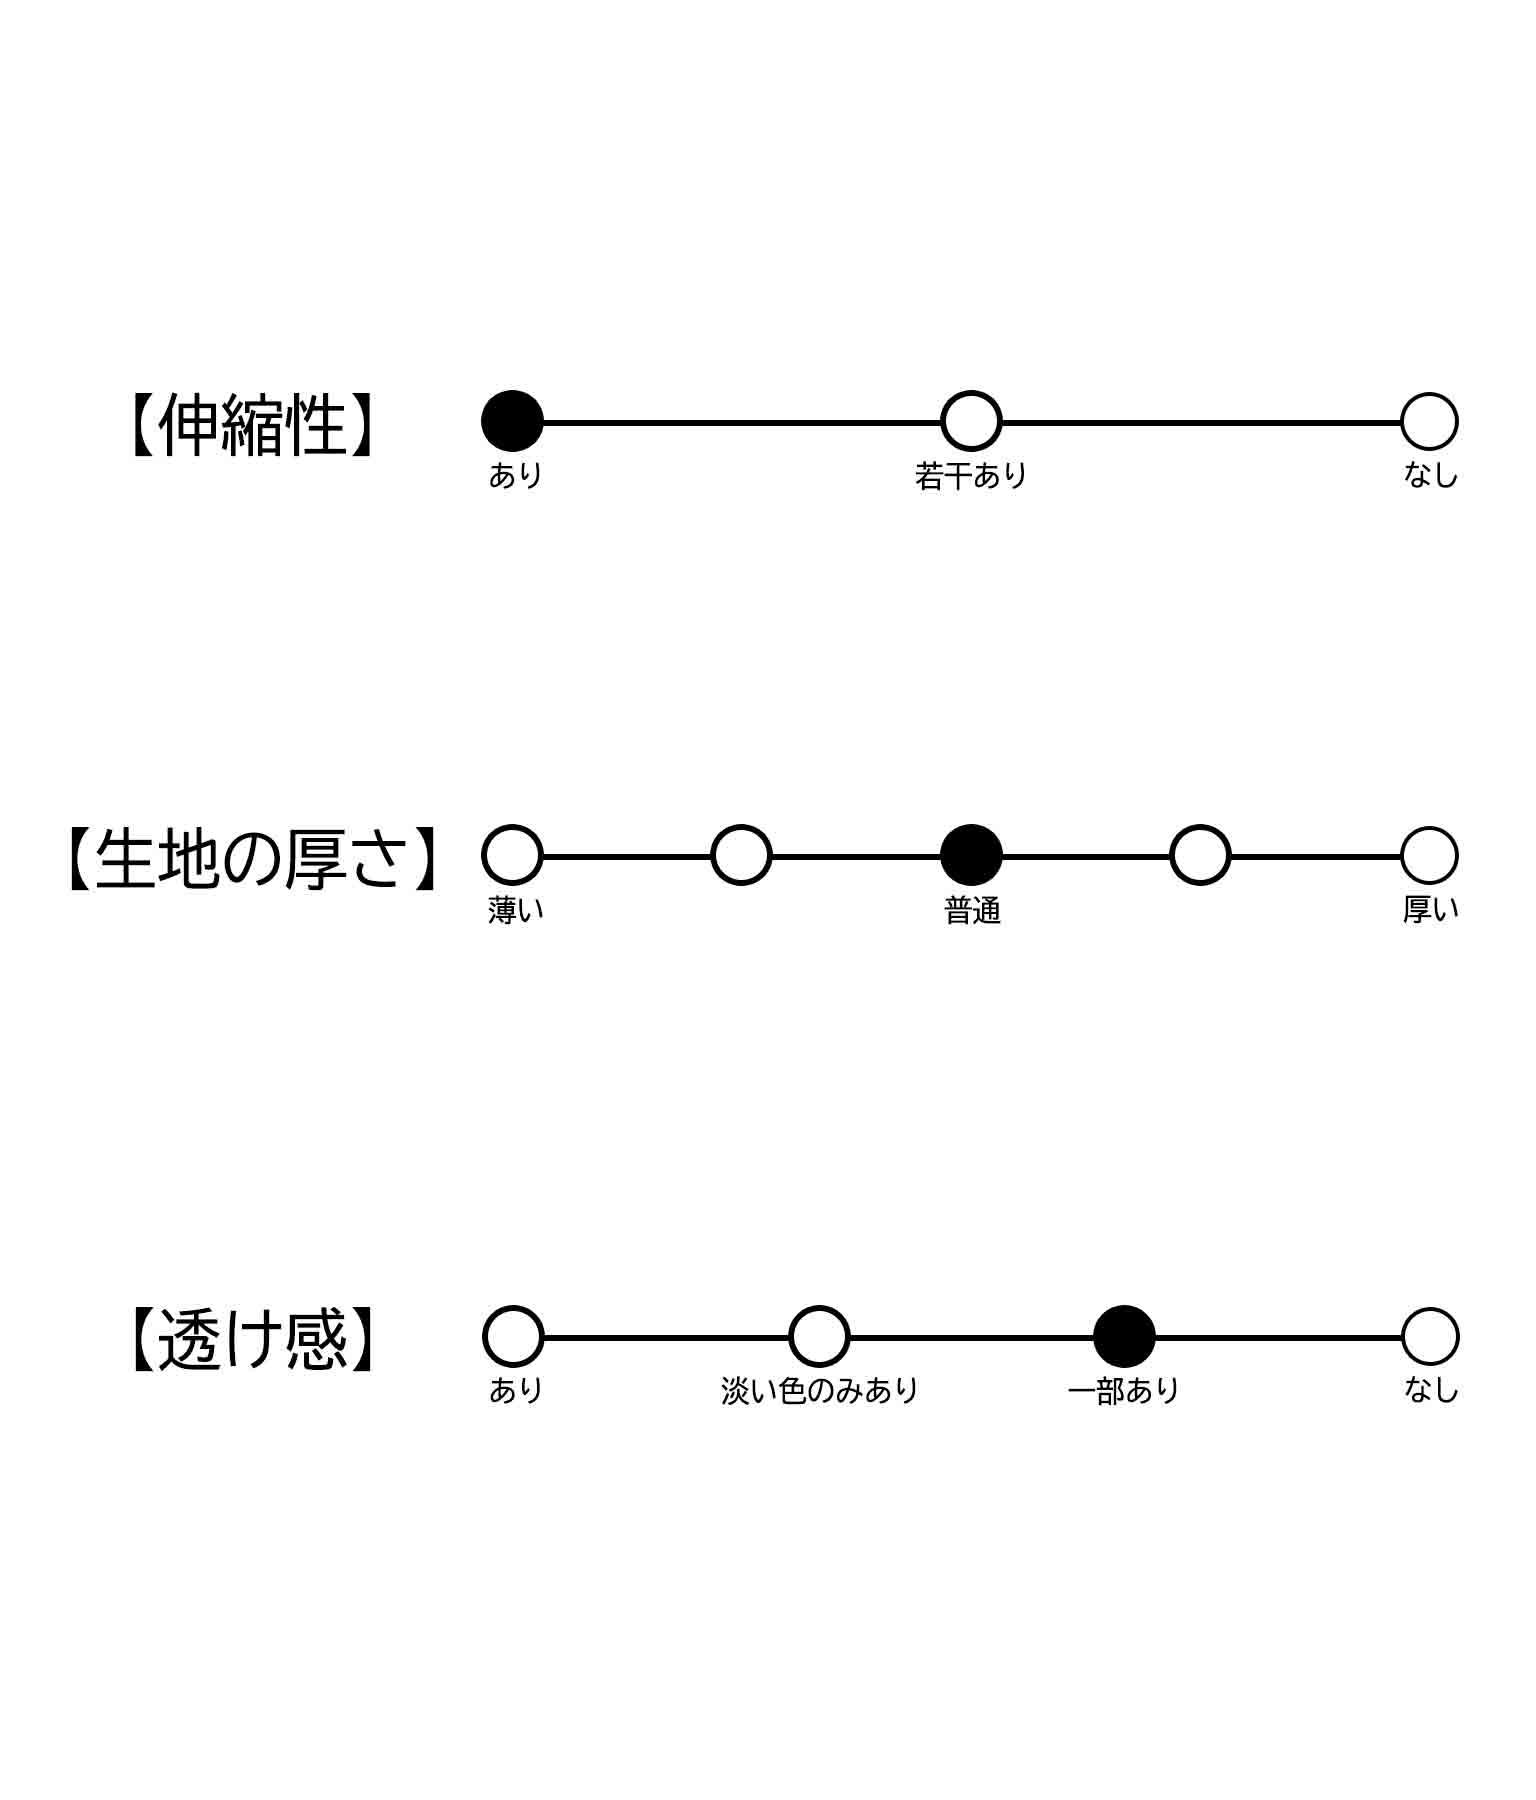 ポケット付きリブタンクチュニック(トップス/タンクトップ)   ANAP